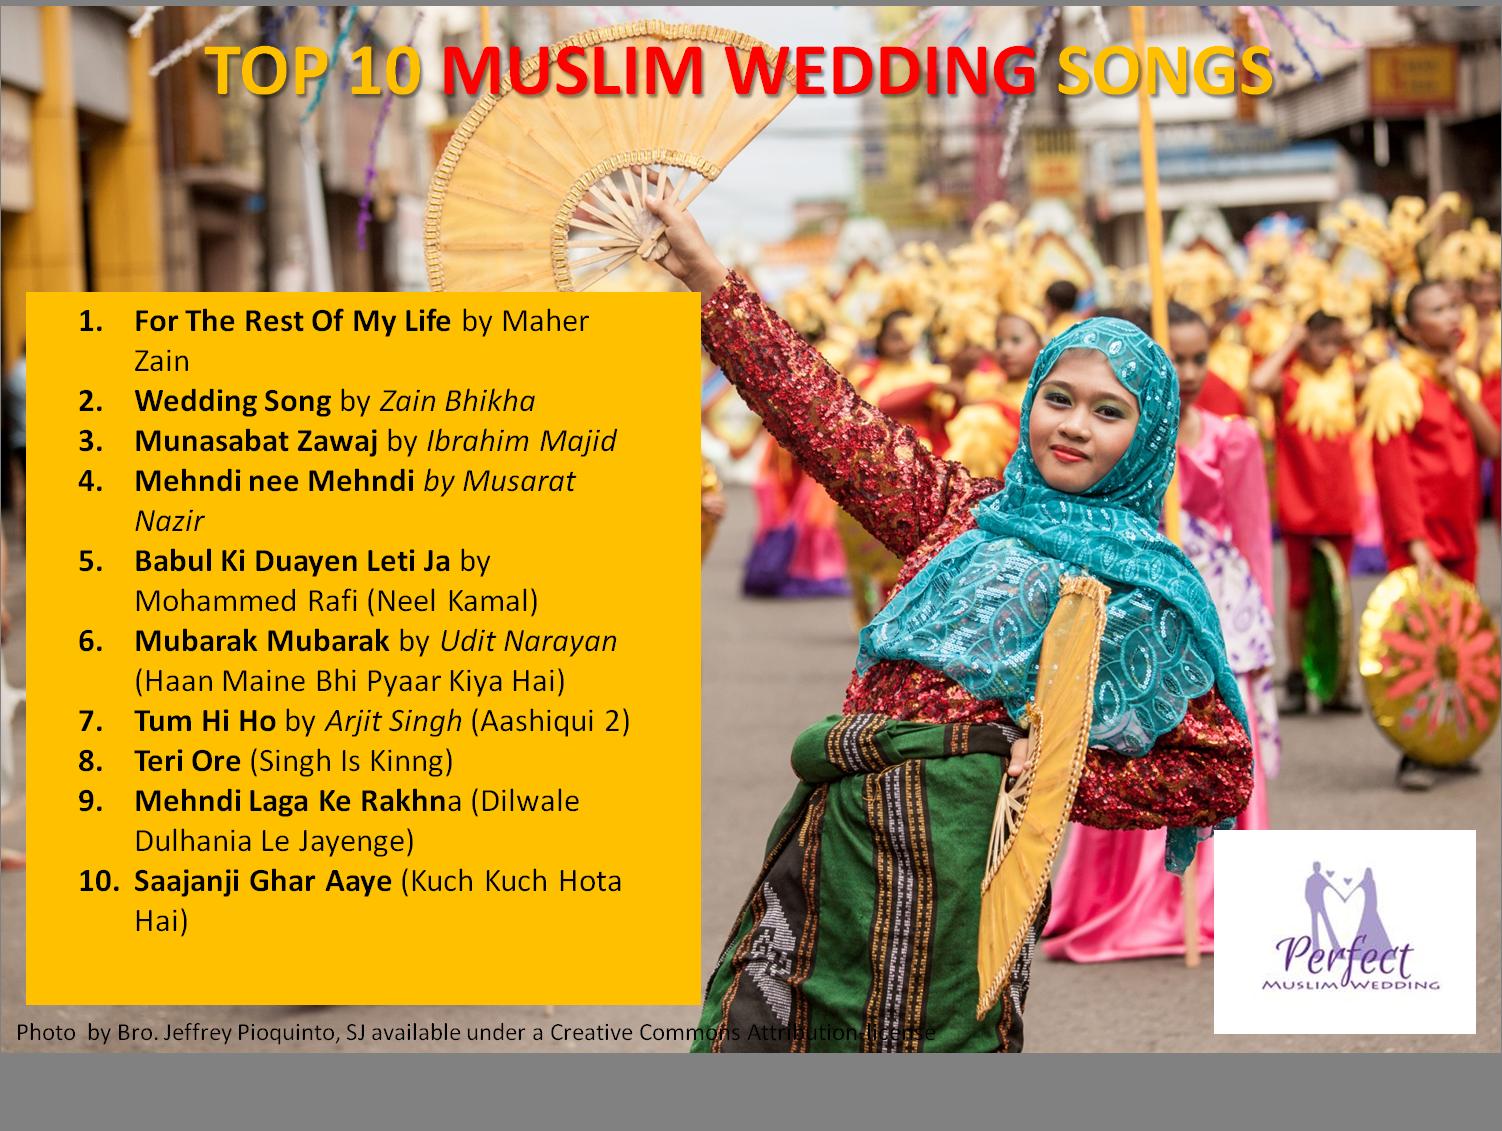 Top 10 Muslim Wedding Songs Mehndi Muslimwedding Muslimweddingdance Bollywoodwedding Bollywoodson Wedding Songs Wedding Song List Indian Wedding Songs